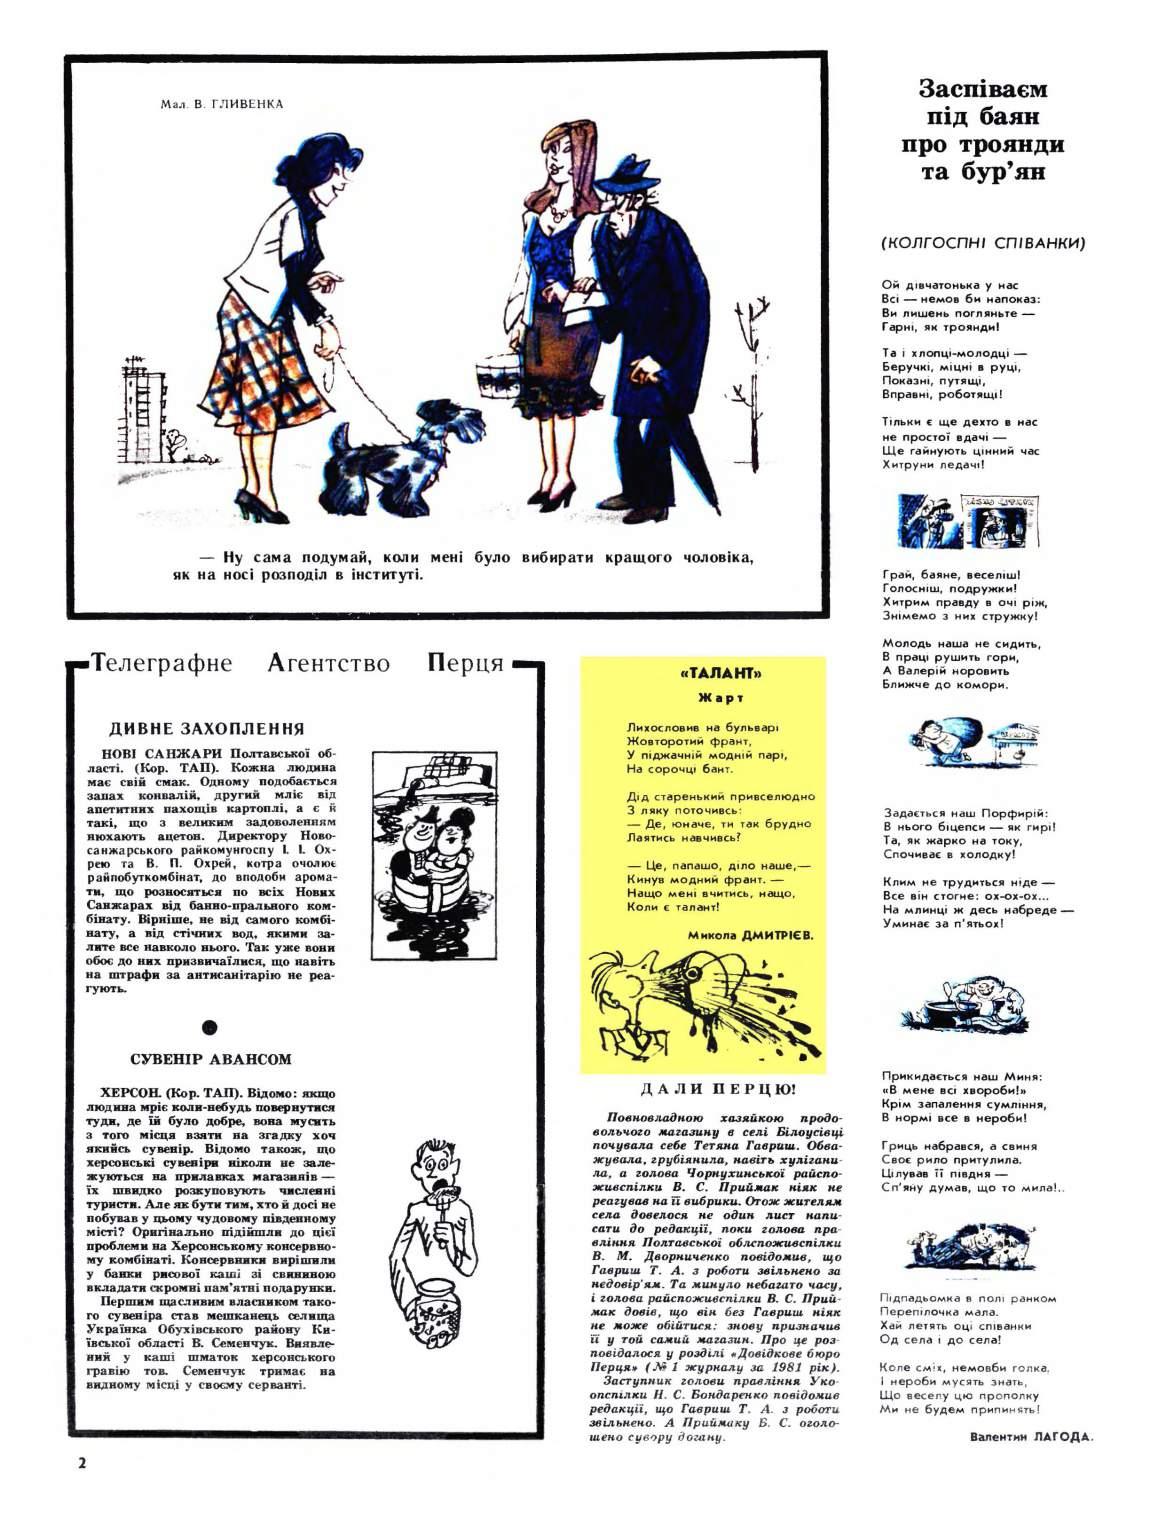 Журнал перець 1981 №11